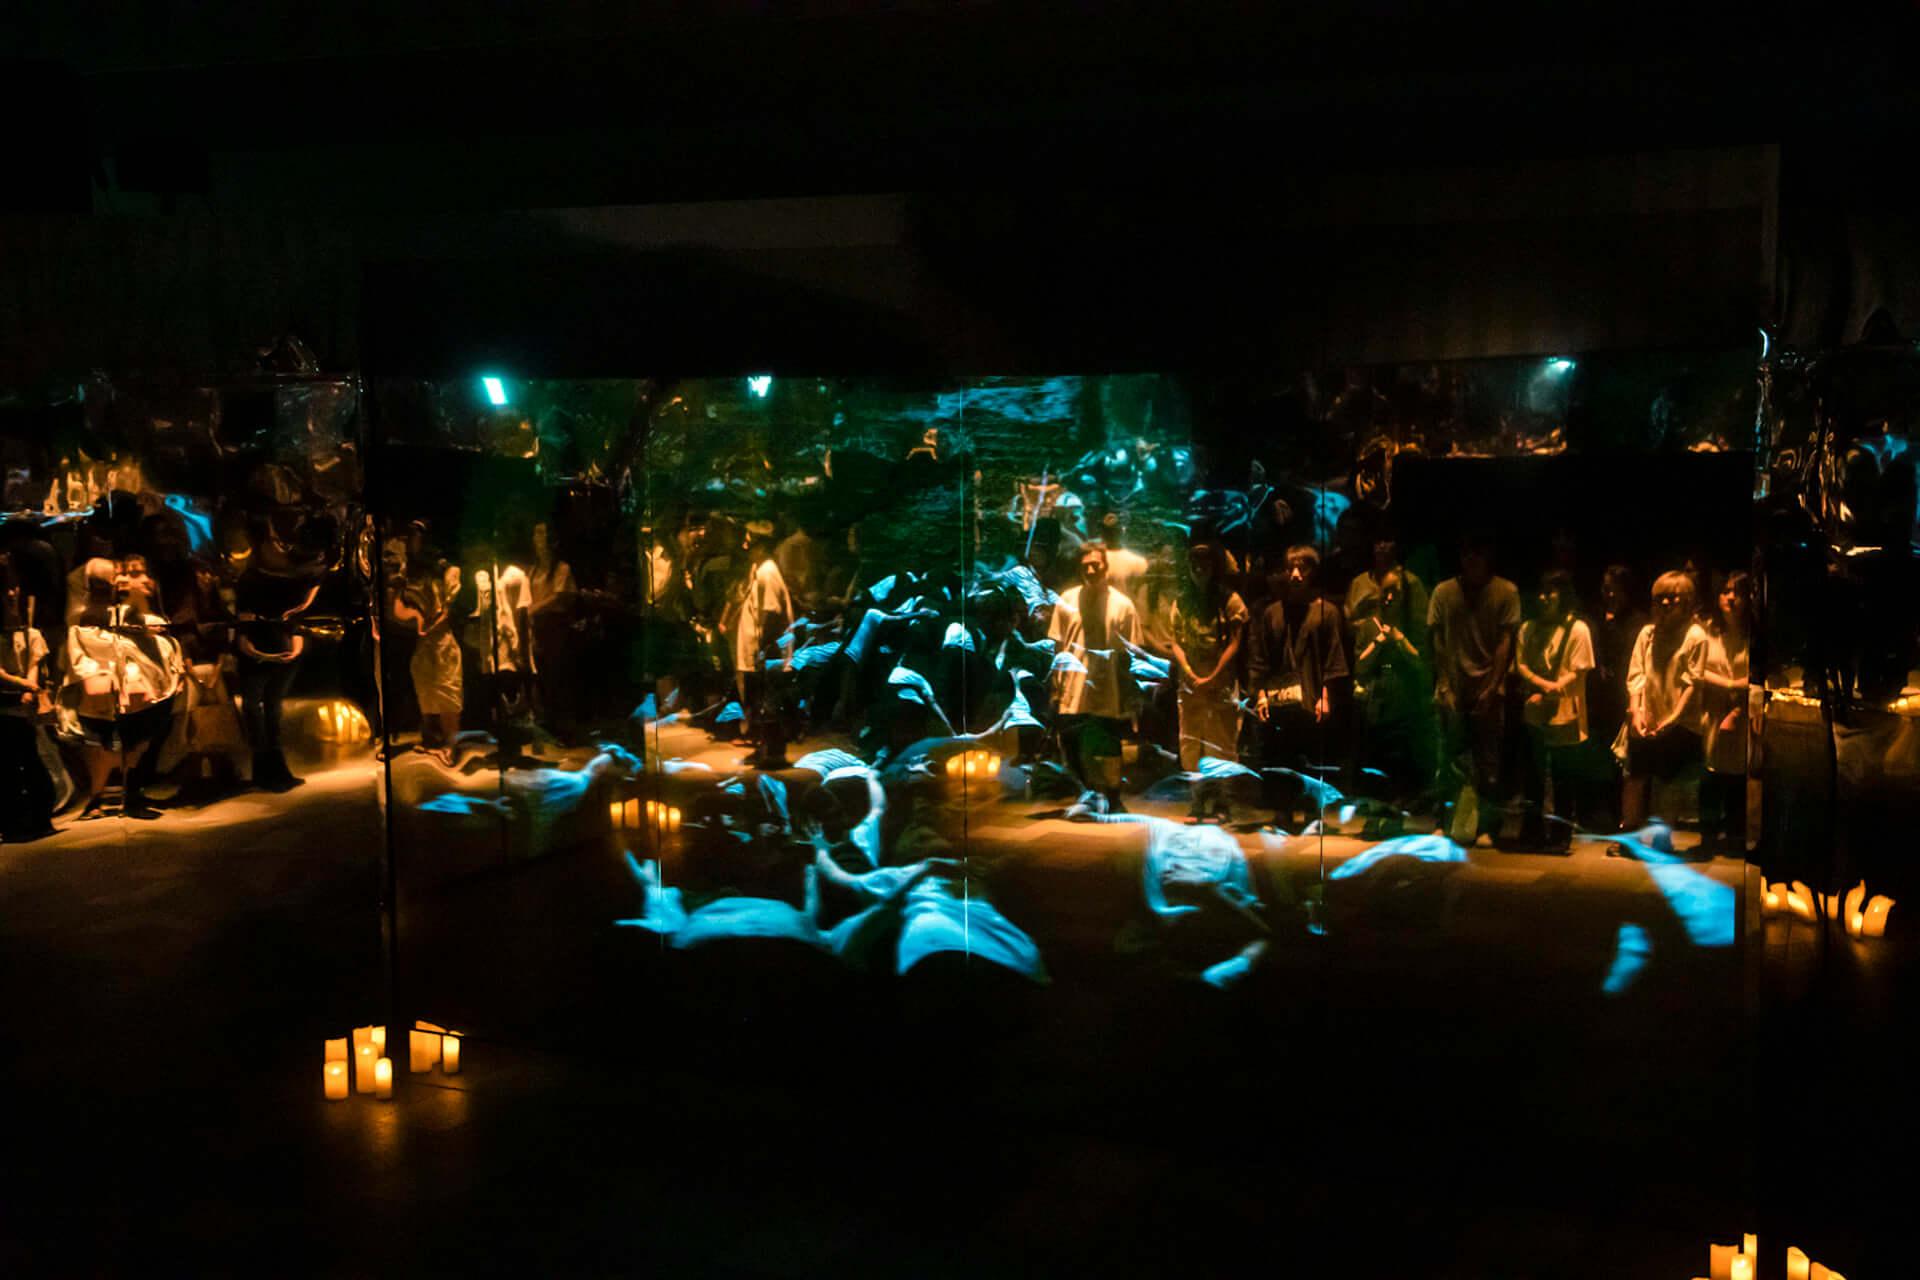 米津玄師「馬と鹿」MV、ついに解禁|<鏡の上映会>で観客とひとつに music190903_yonezukenshi_mv_3-1920x1280